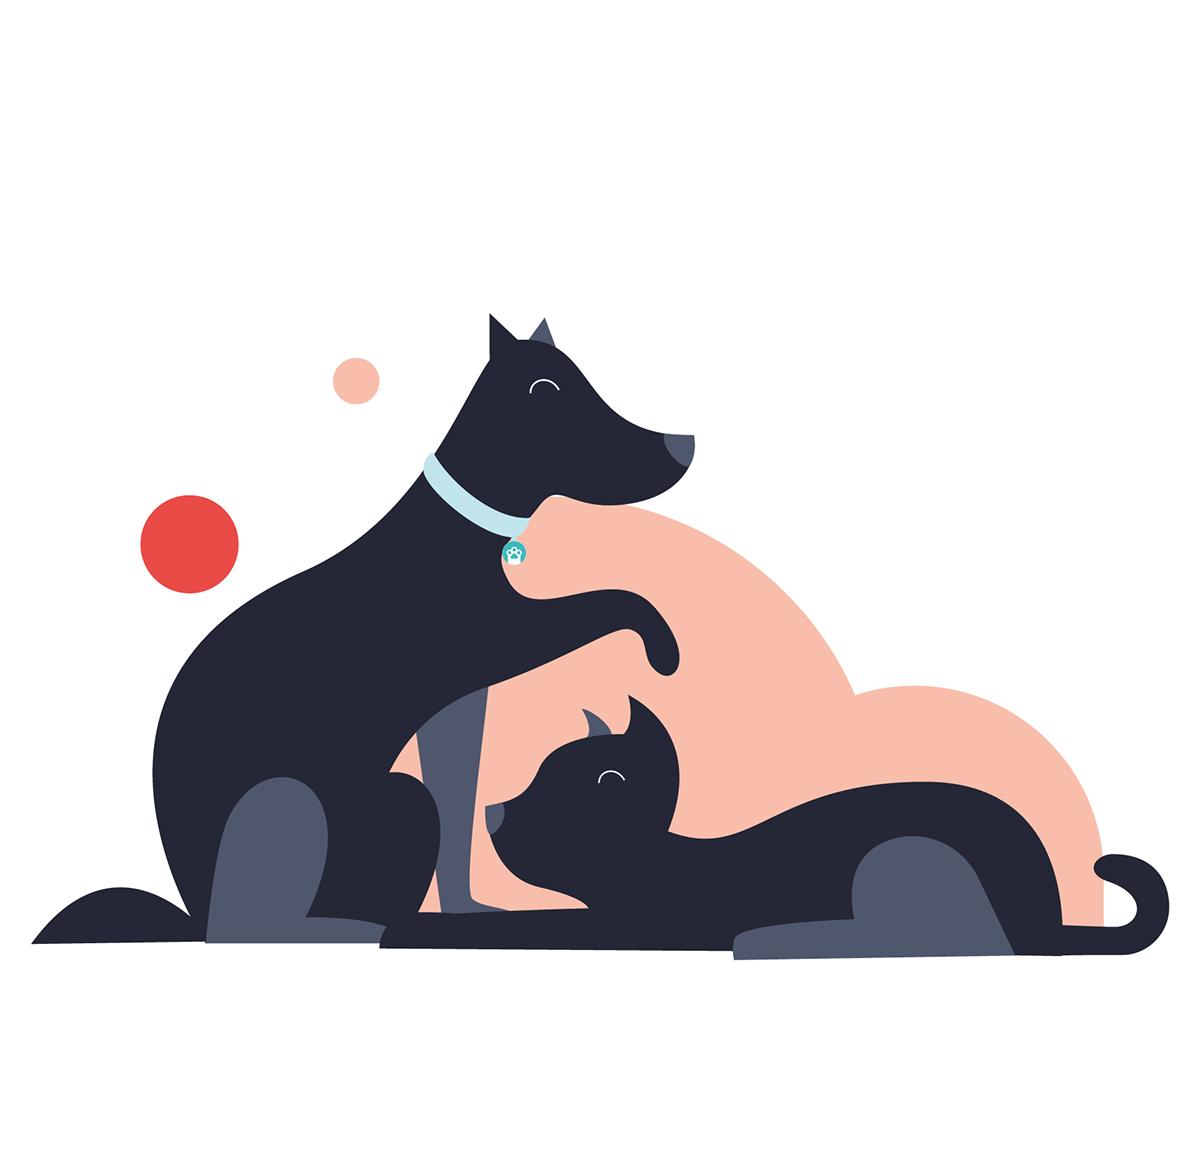 趣味插图!宠物保健产品品牌VI设计